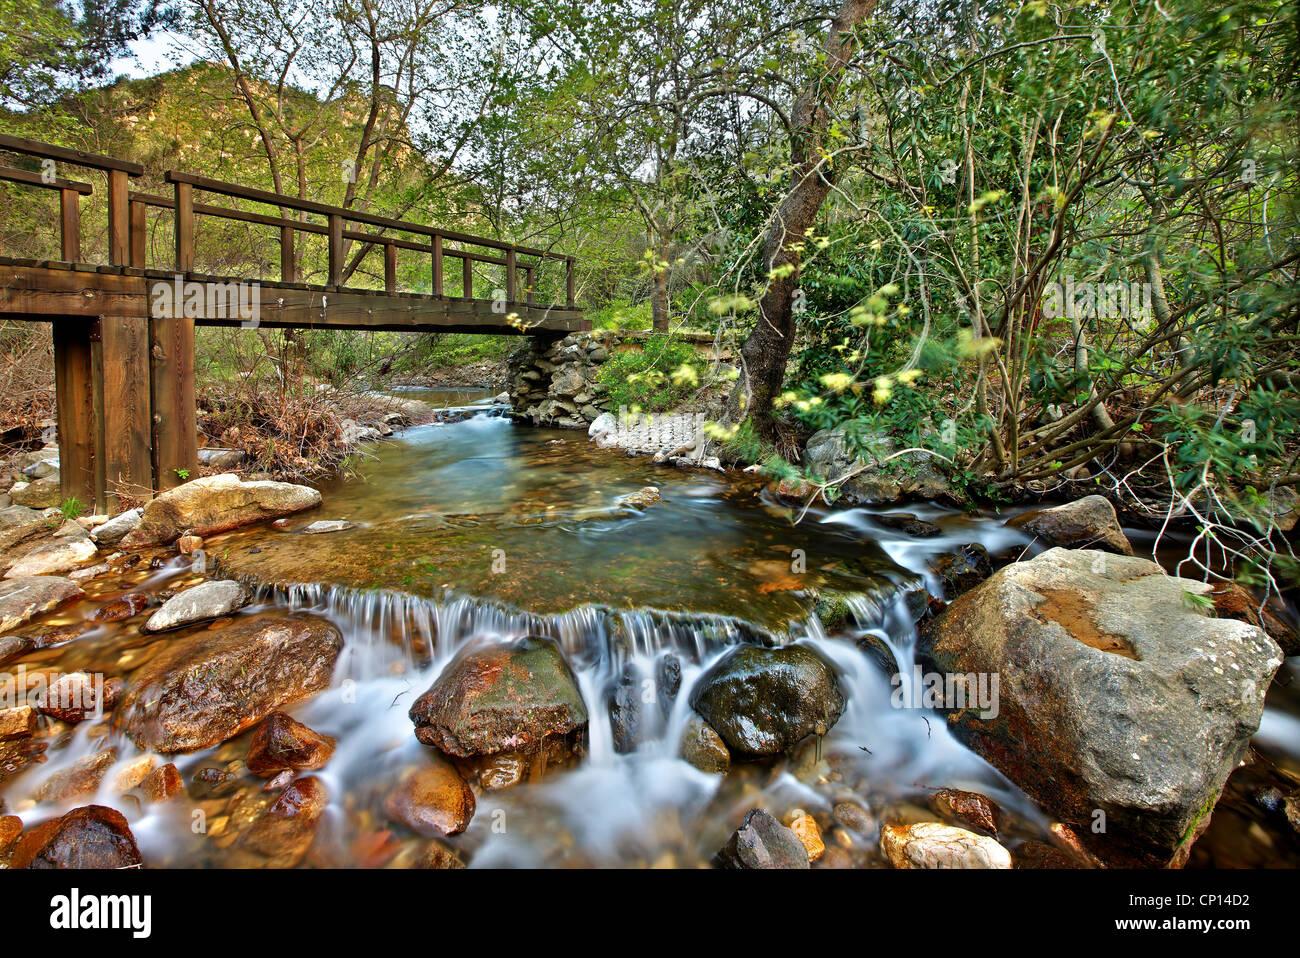 Balade dans les gorges de Kambia, le plus beau sentier, sur la partie nord de l'île de Chios, au nord-est de la Banque D'Images